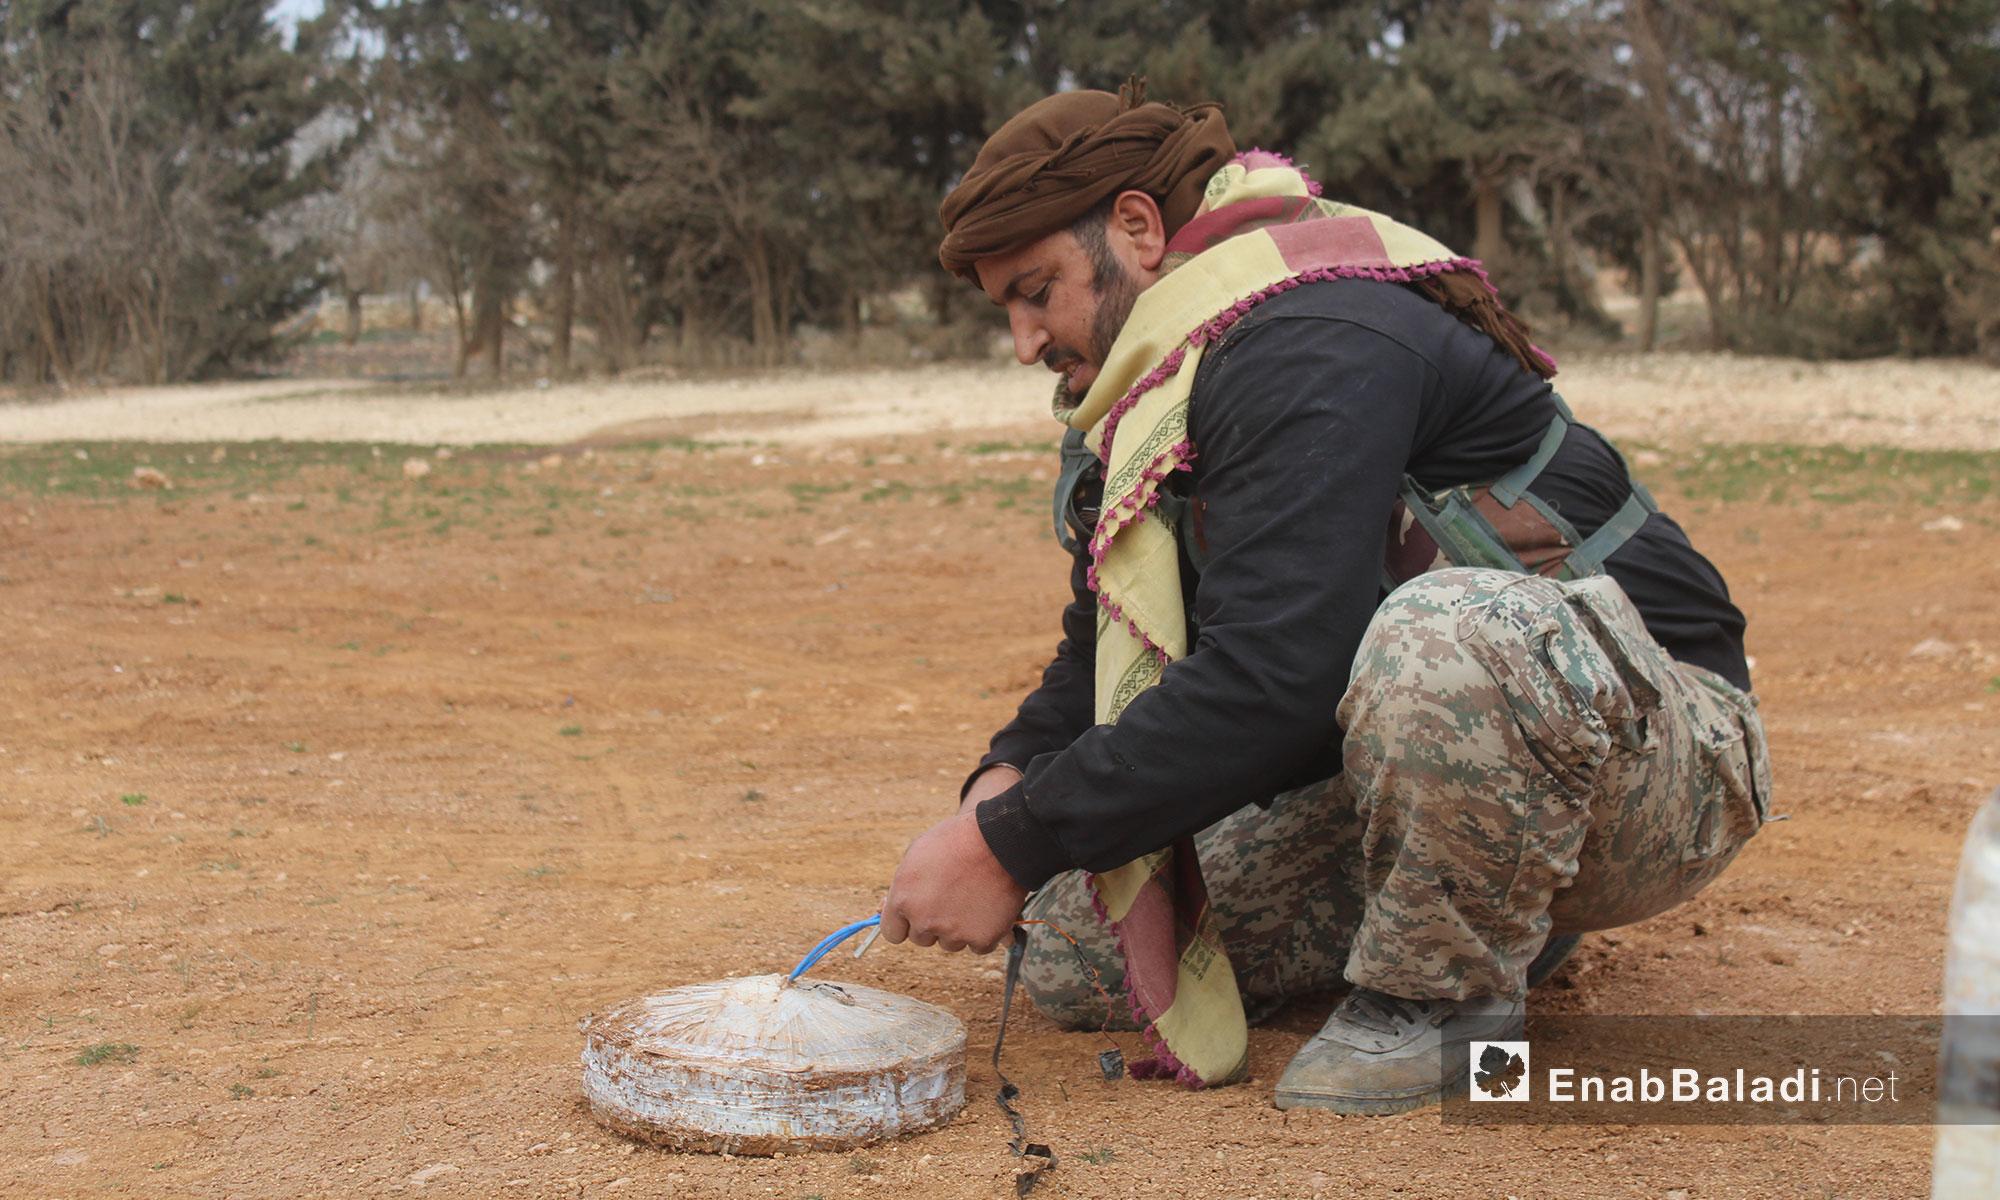 مقاتل من الجيش الحر يقوم بتفكيك أحد الألغام في محيط الباب - 12 شباط 2017 (عنب بلدي)